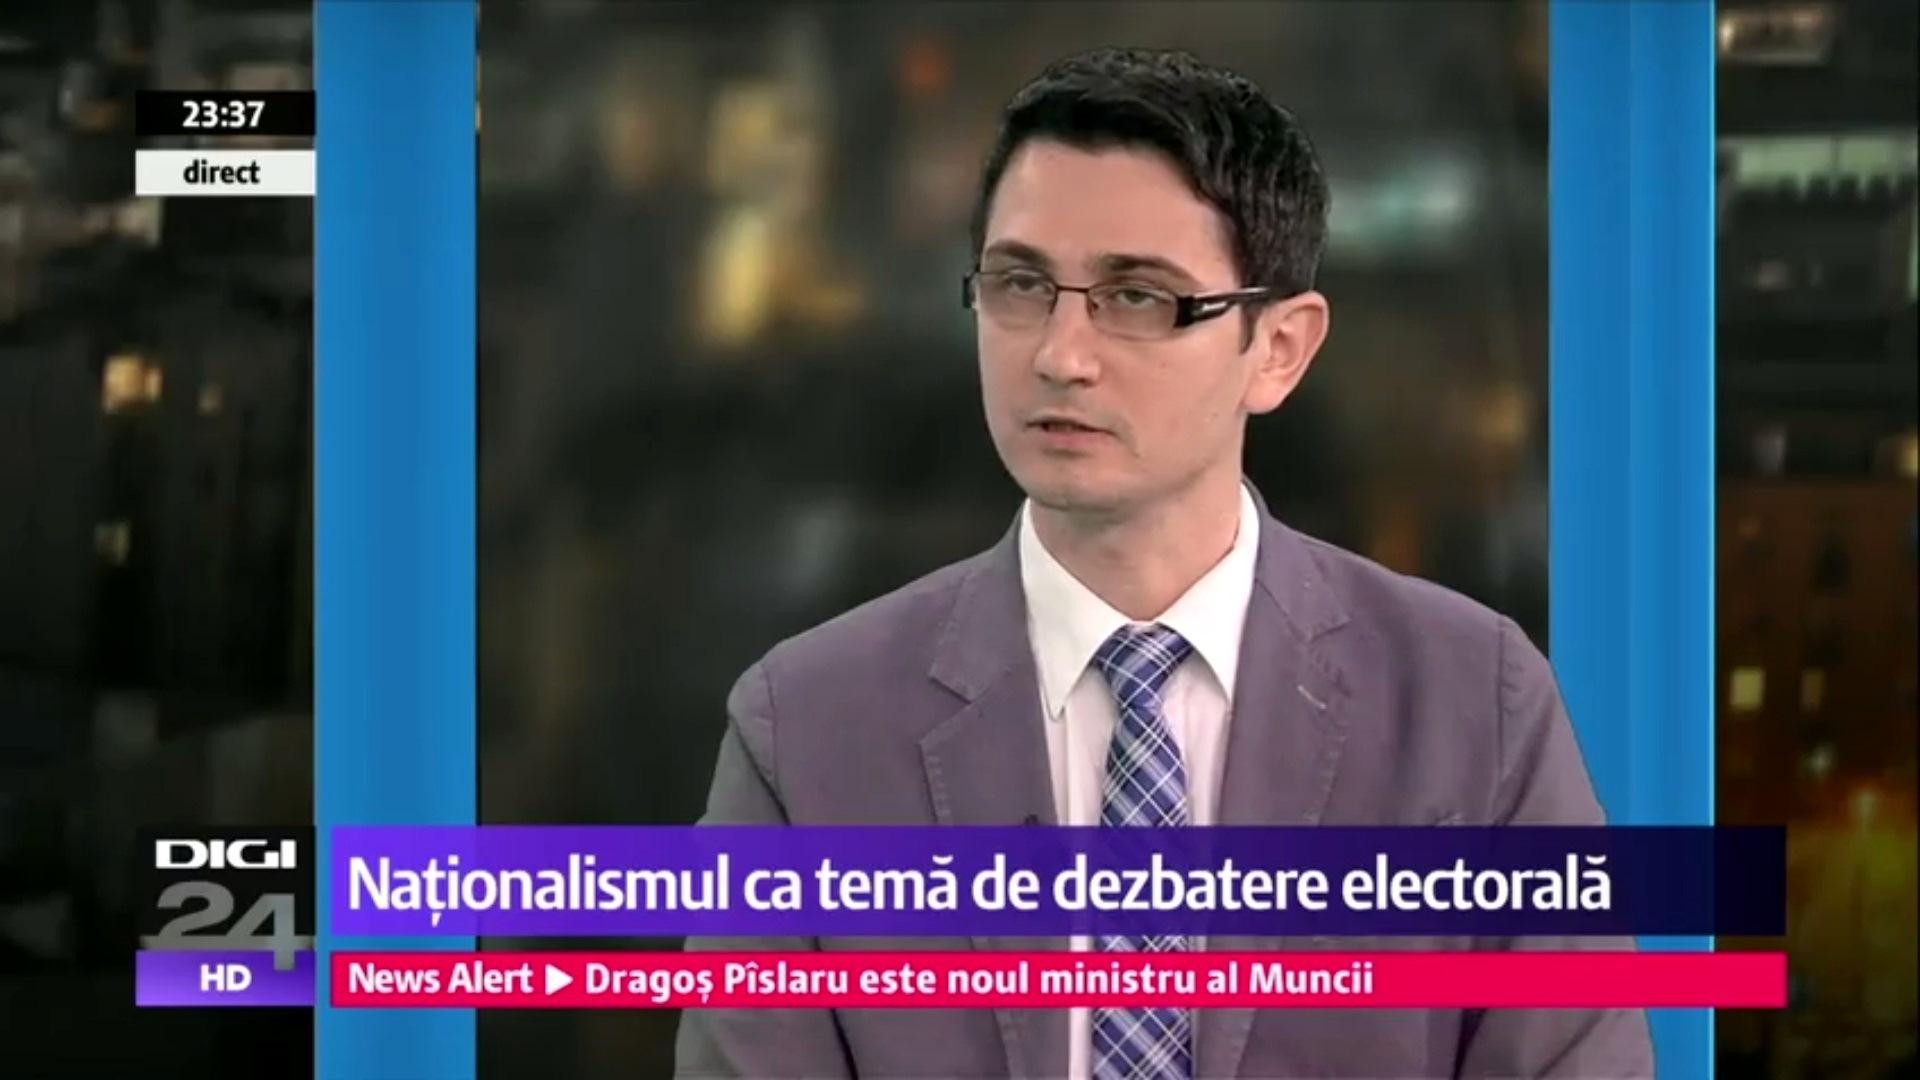 Nationalismul, tema de campanie pentru Primaria Bucuresti